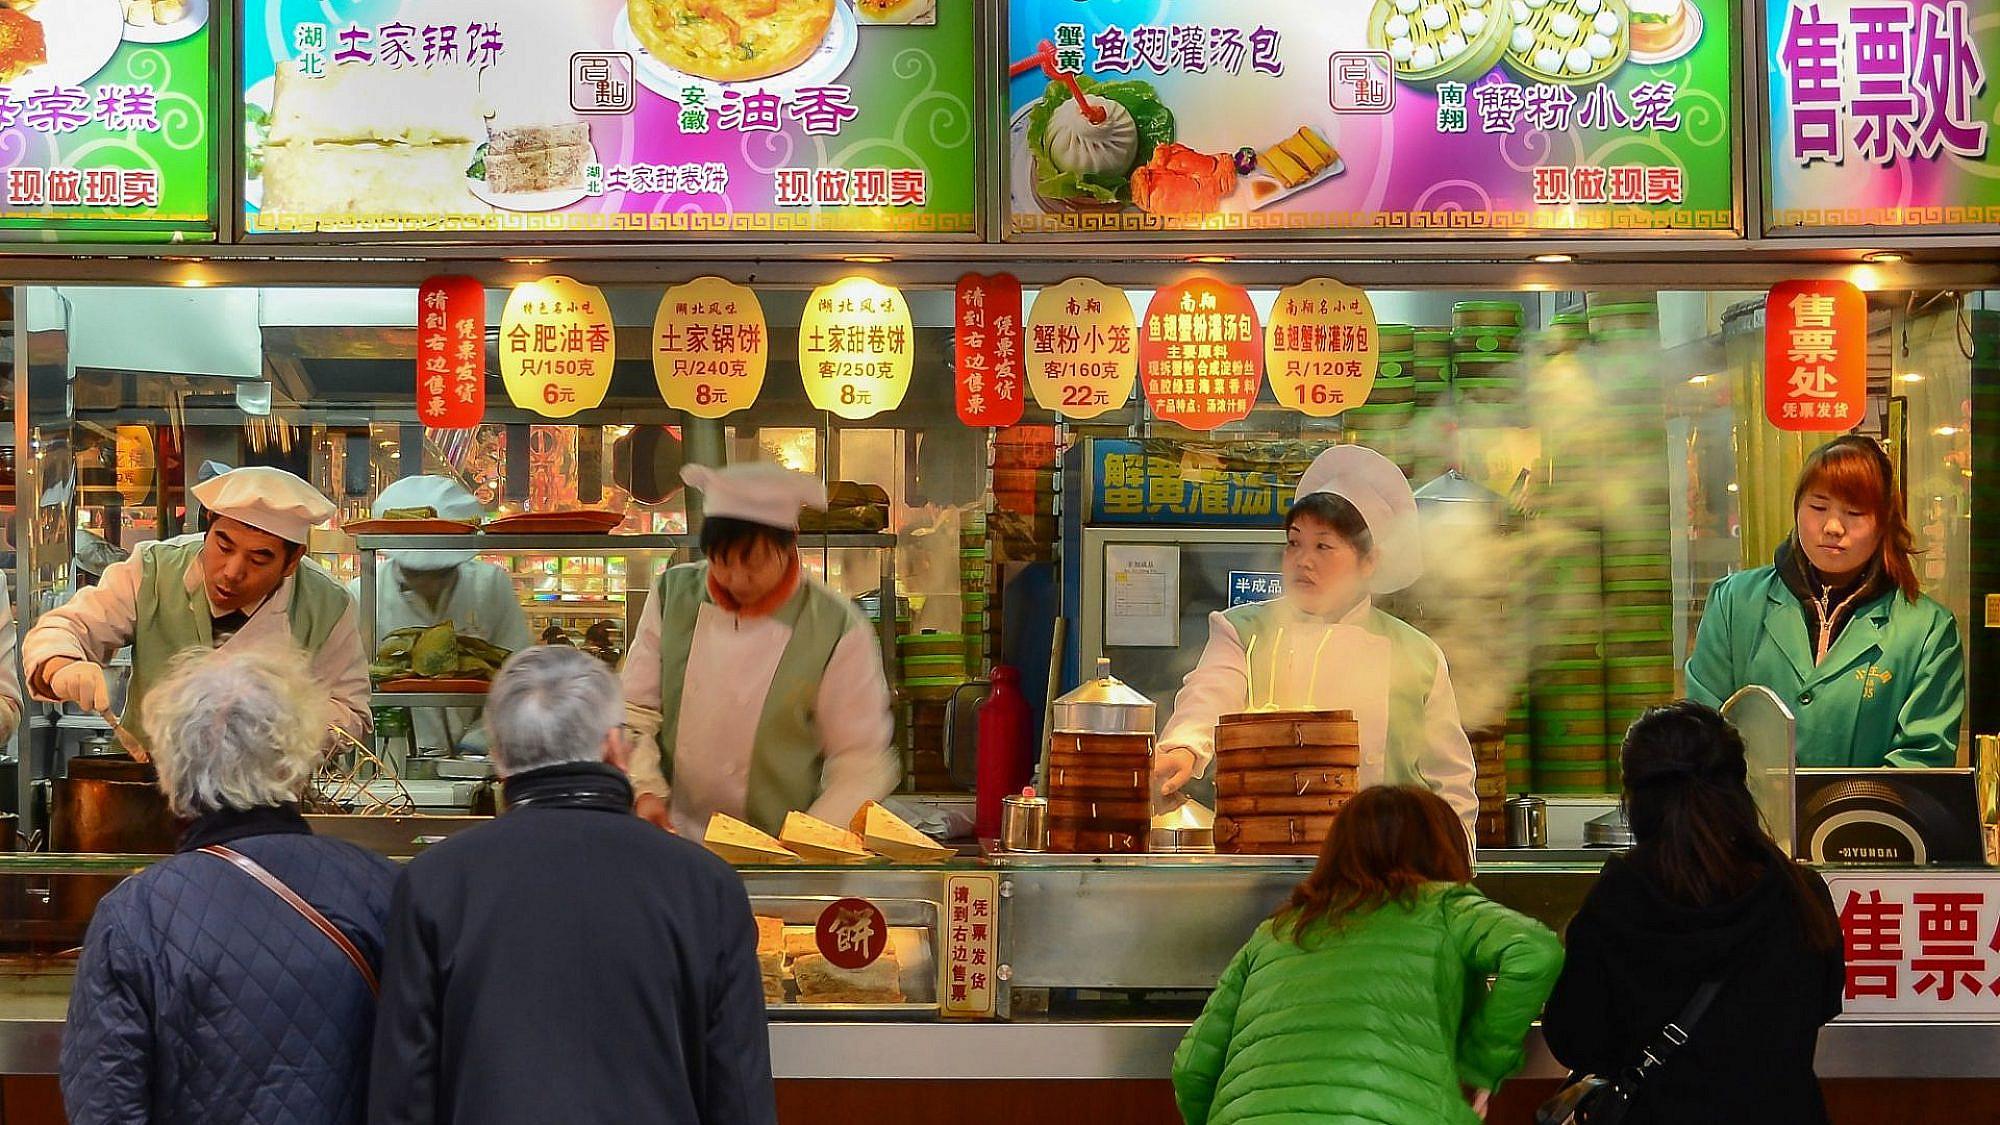 אוכל הרחוב הטוב והמגוון בעולם. שנחאי (צילום: שאטרסטוק)